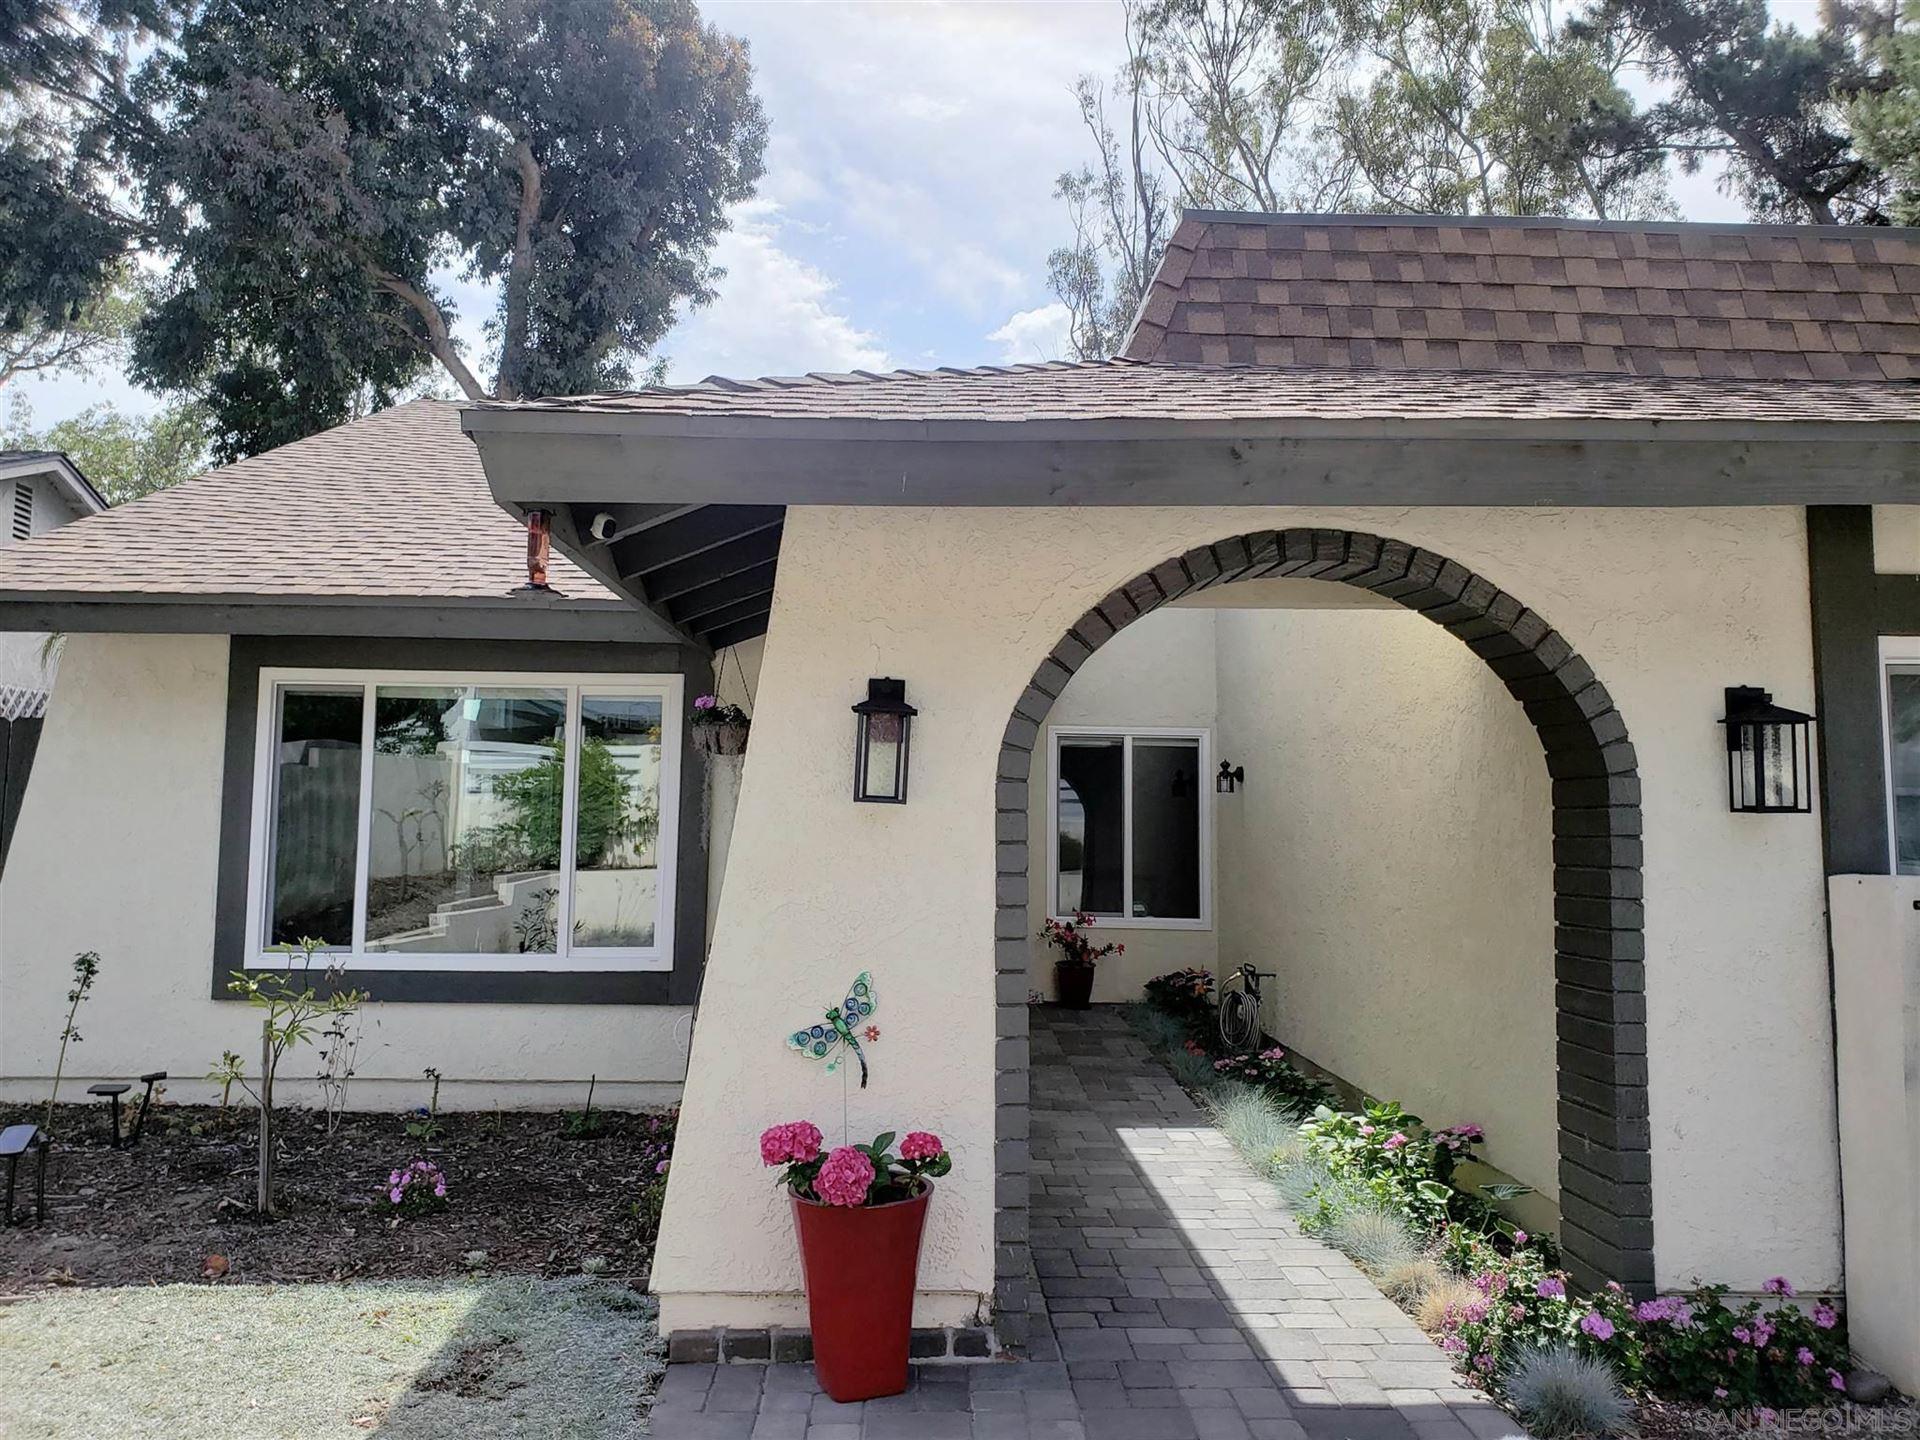 Photo of 13131 Portofino Drive, Del Mar, CA 92014 (MLS # 210013902)